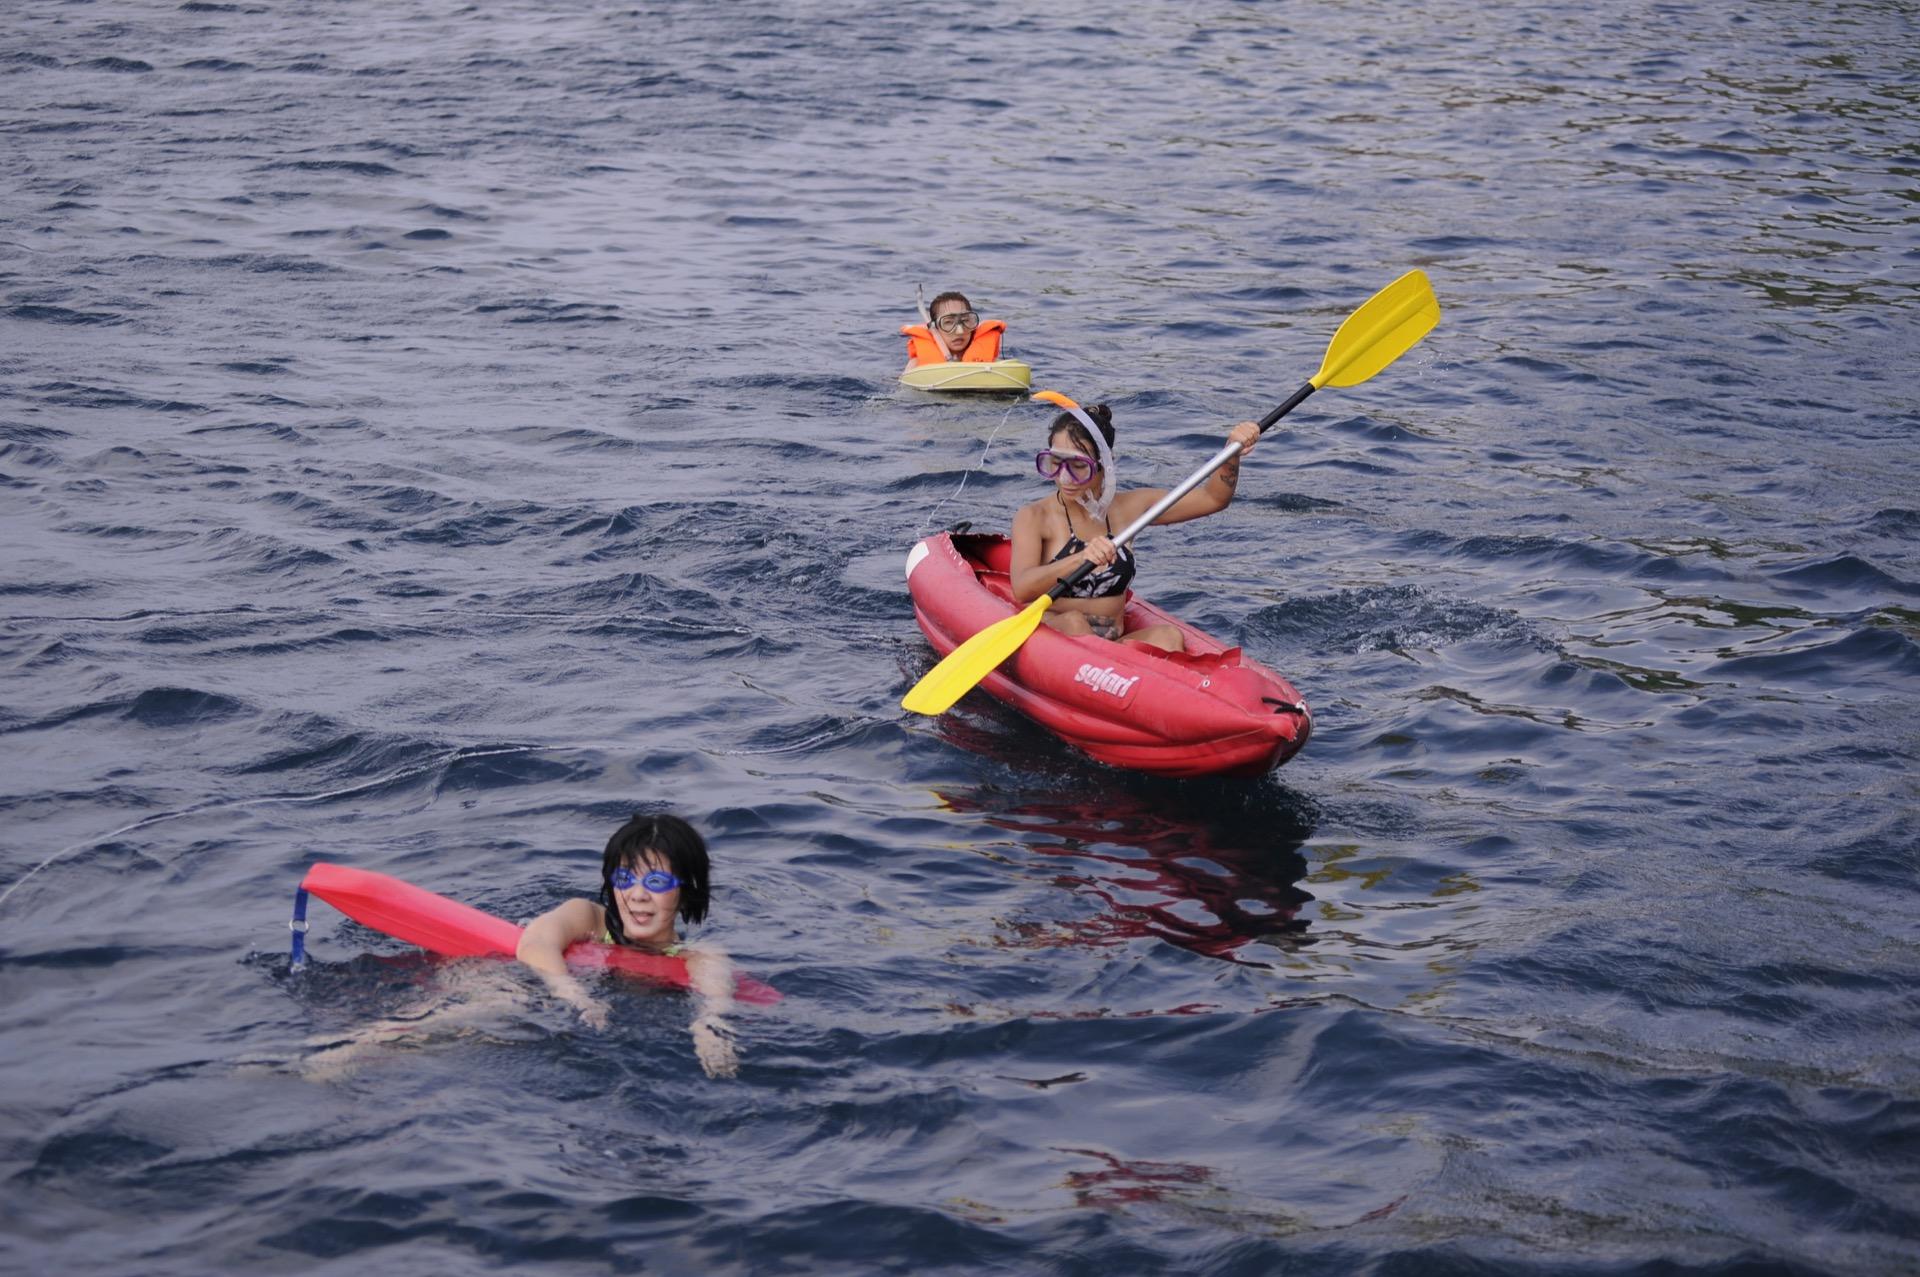 德築-DEZU-project-Fun3sport-snorkeling-ocean-9